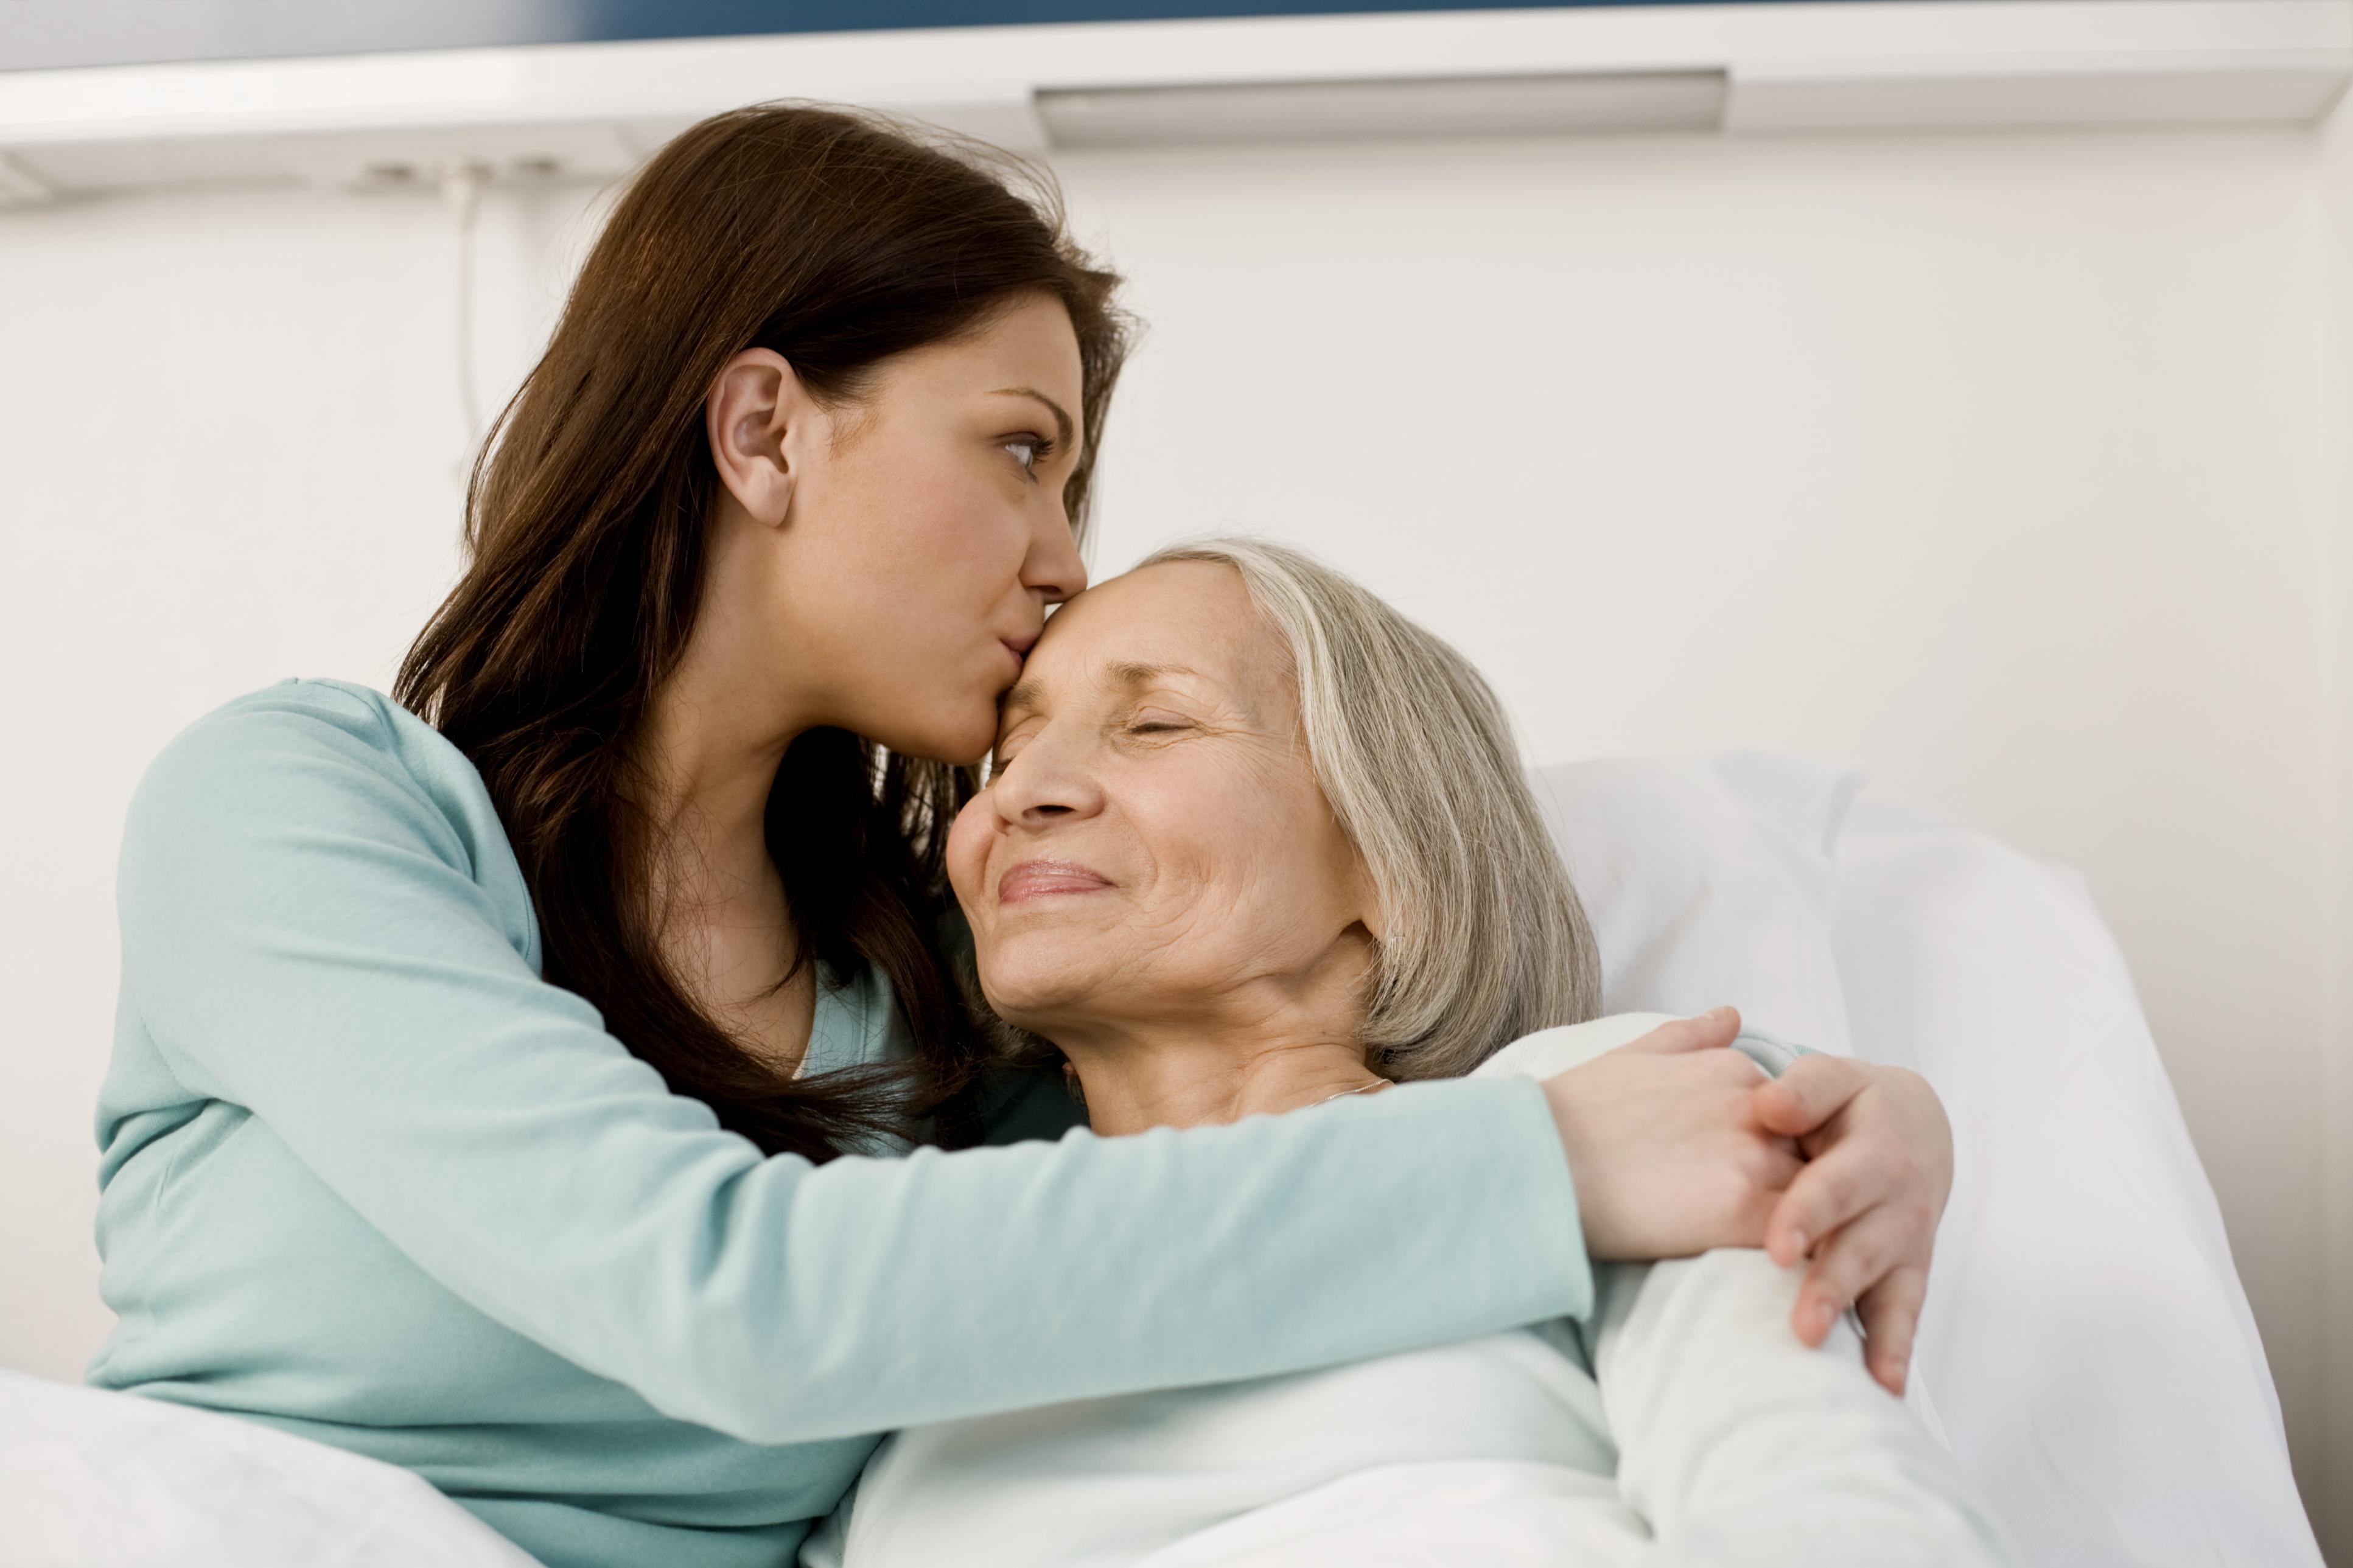 Studiile arată că dacă vei sta mai mult alături de mamă, ea va trăi mai mulți ani